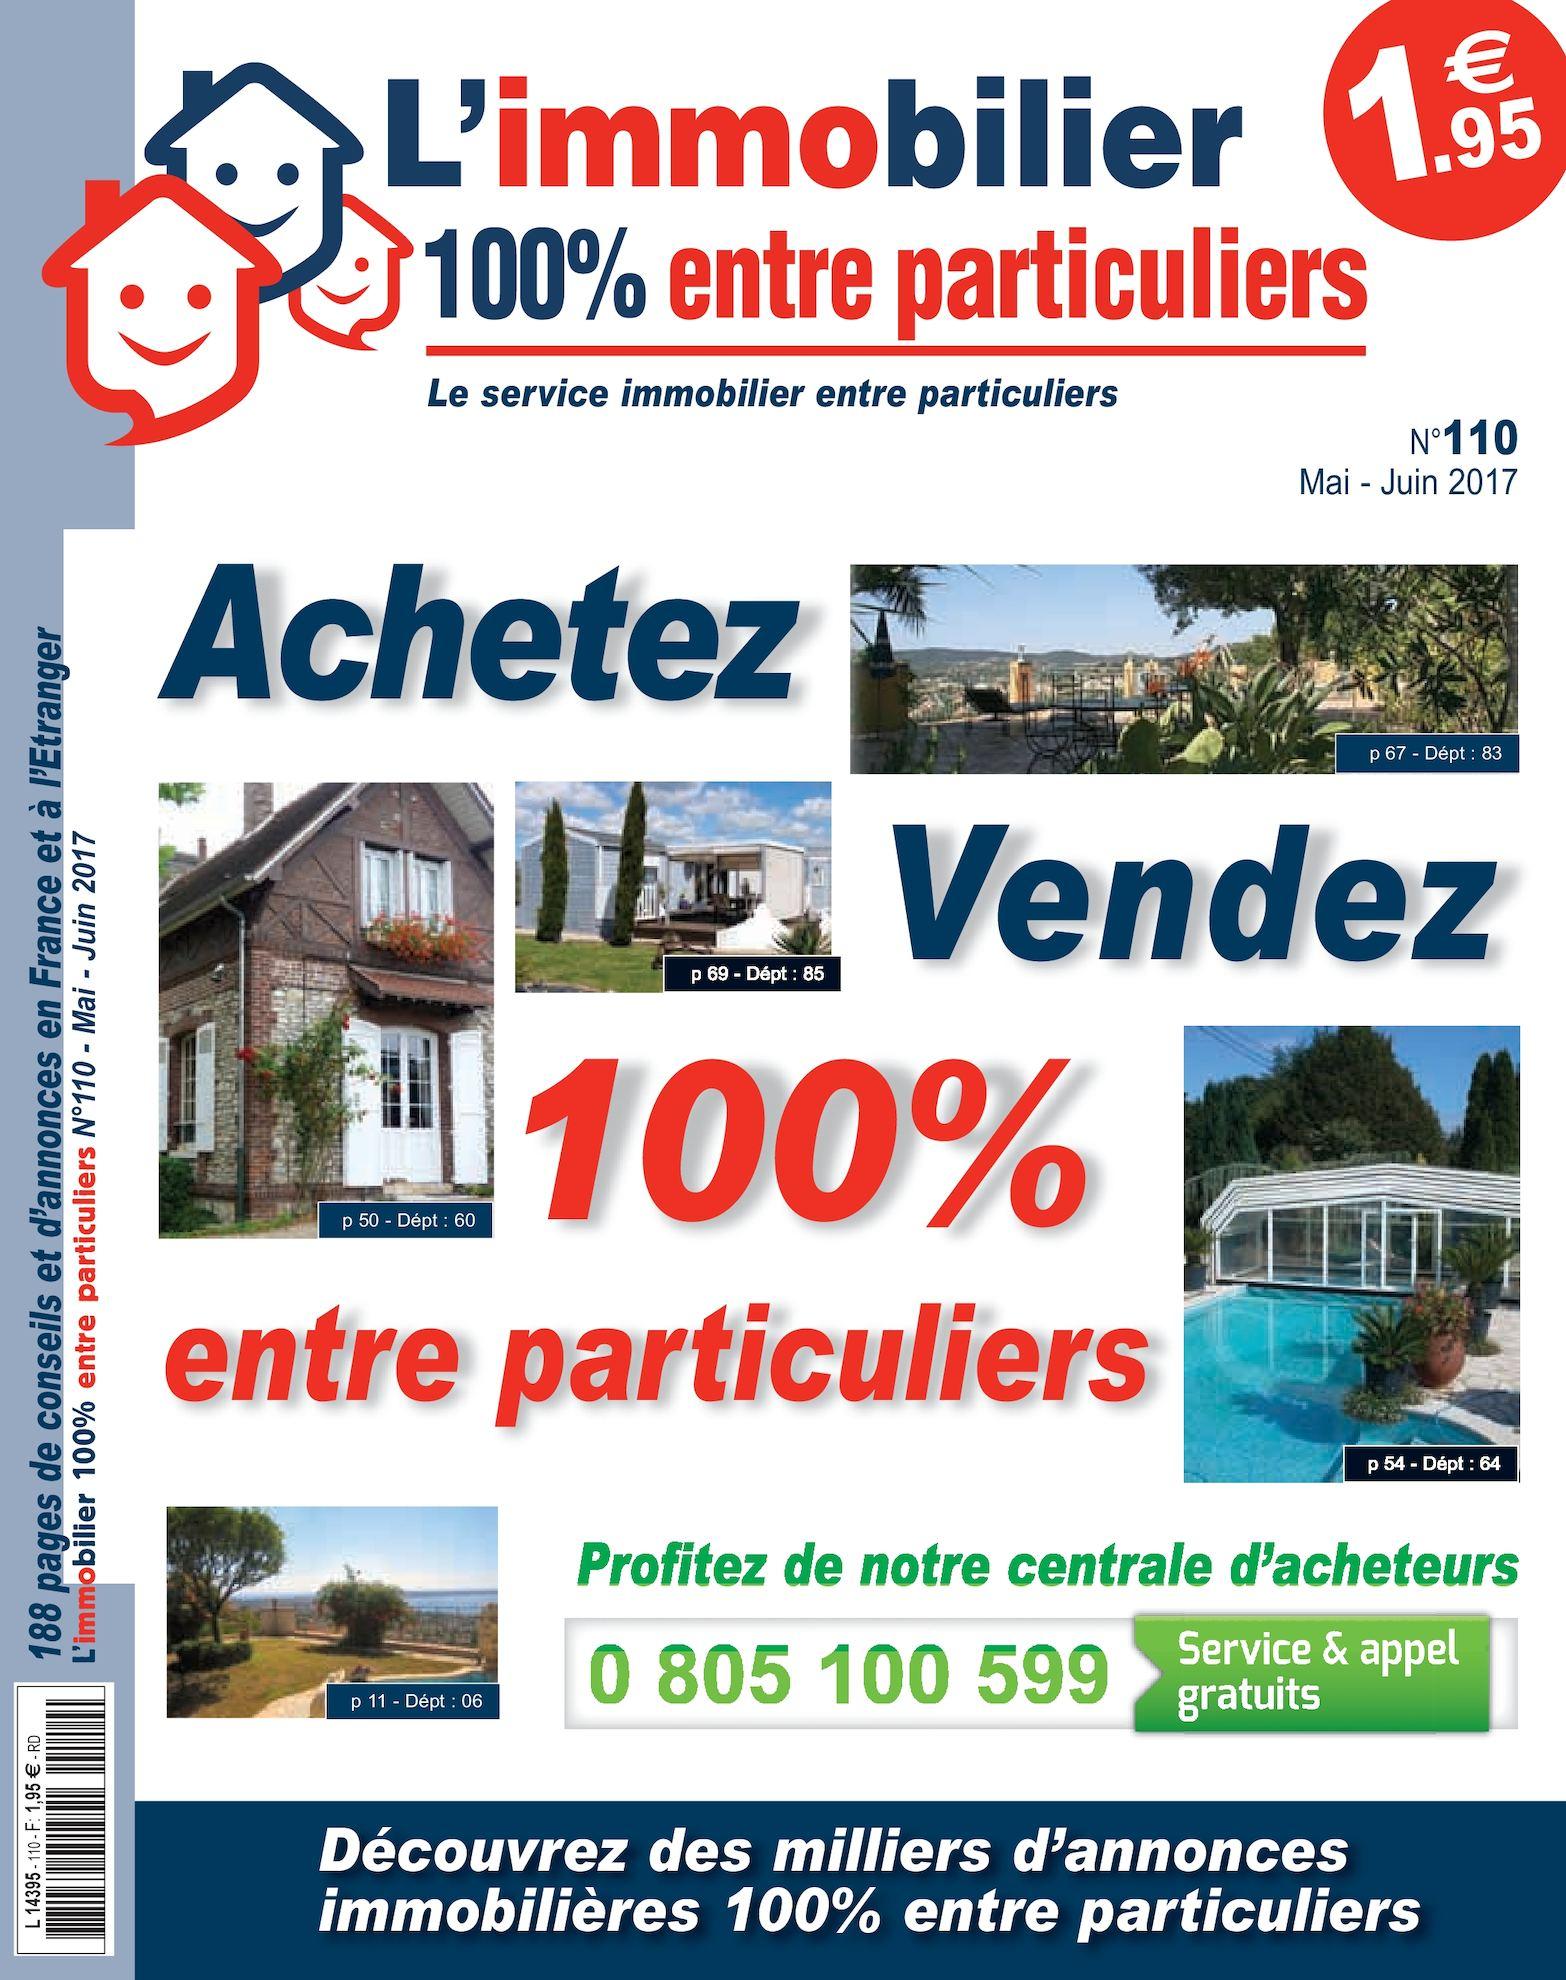 7012a51703d84 Calaméo - L immobilier 100% entre particuliers - Appelimmo-n°110-Mai-Juin  2017